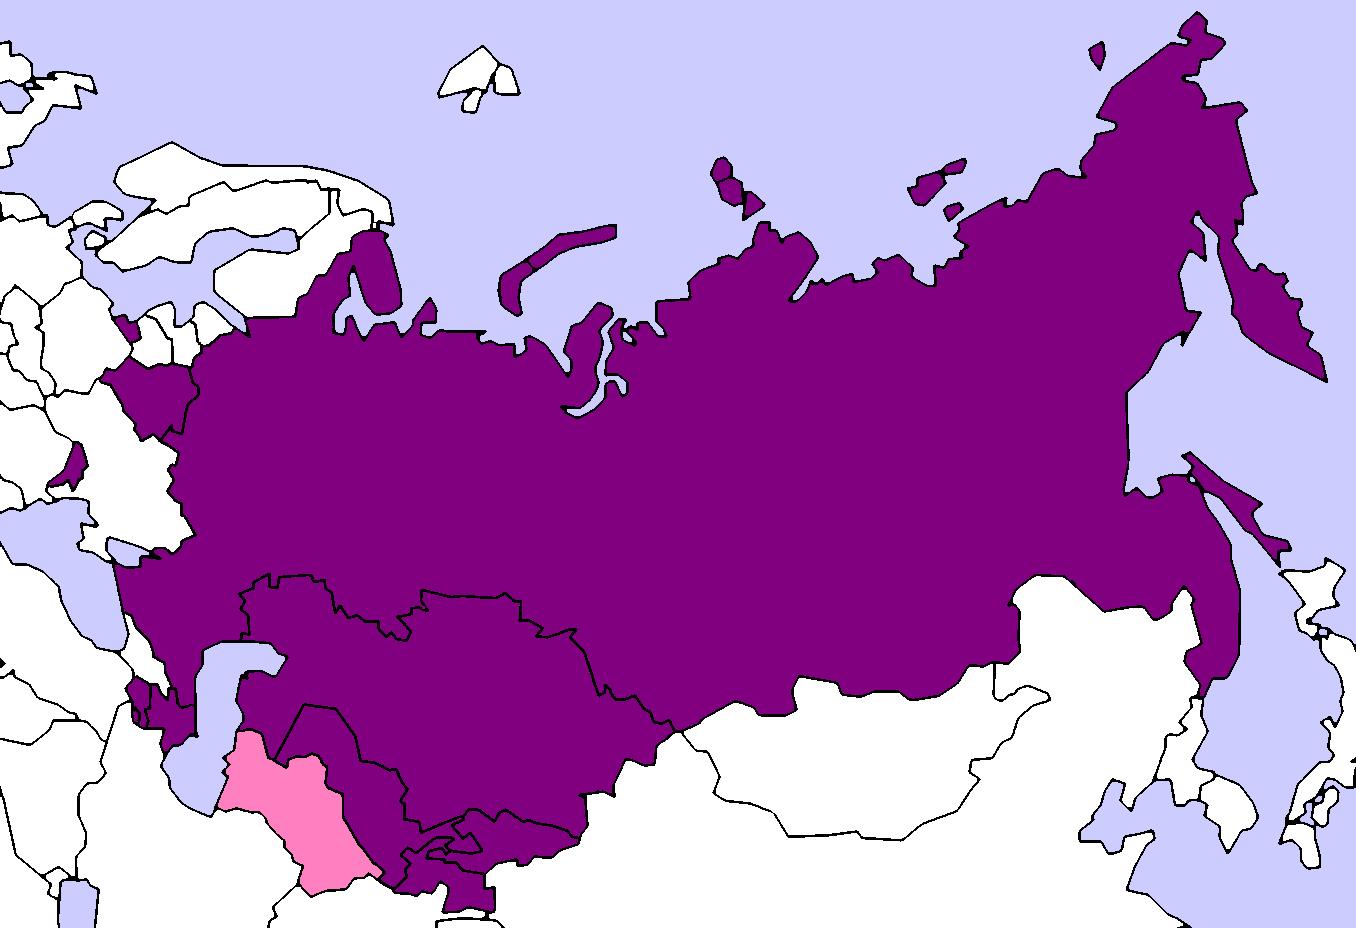 Bản đồ Cộng Đồng các Quốc Gia Độc Lập do Nga lãnh đạo (năm 2018).